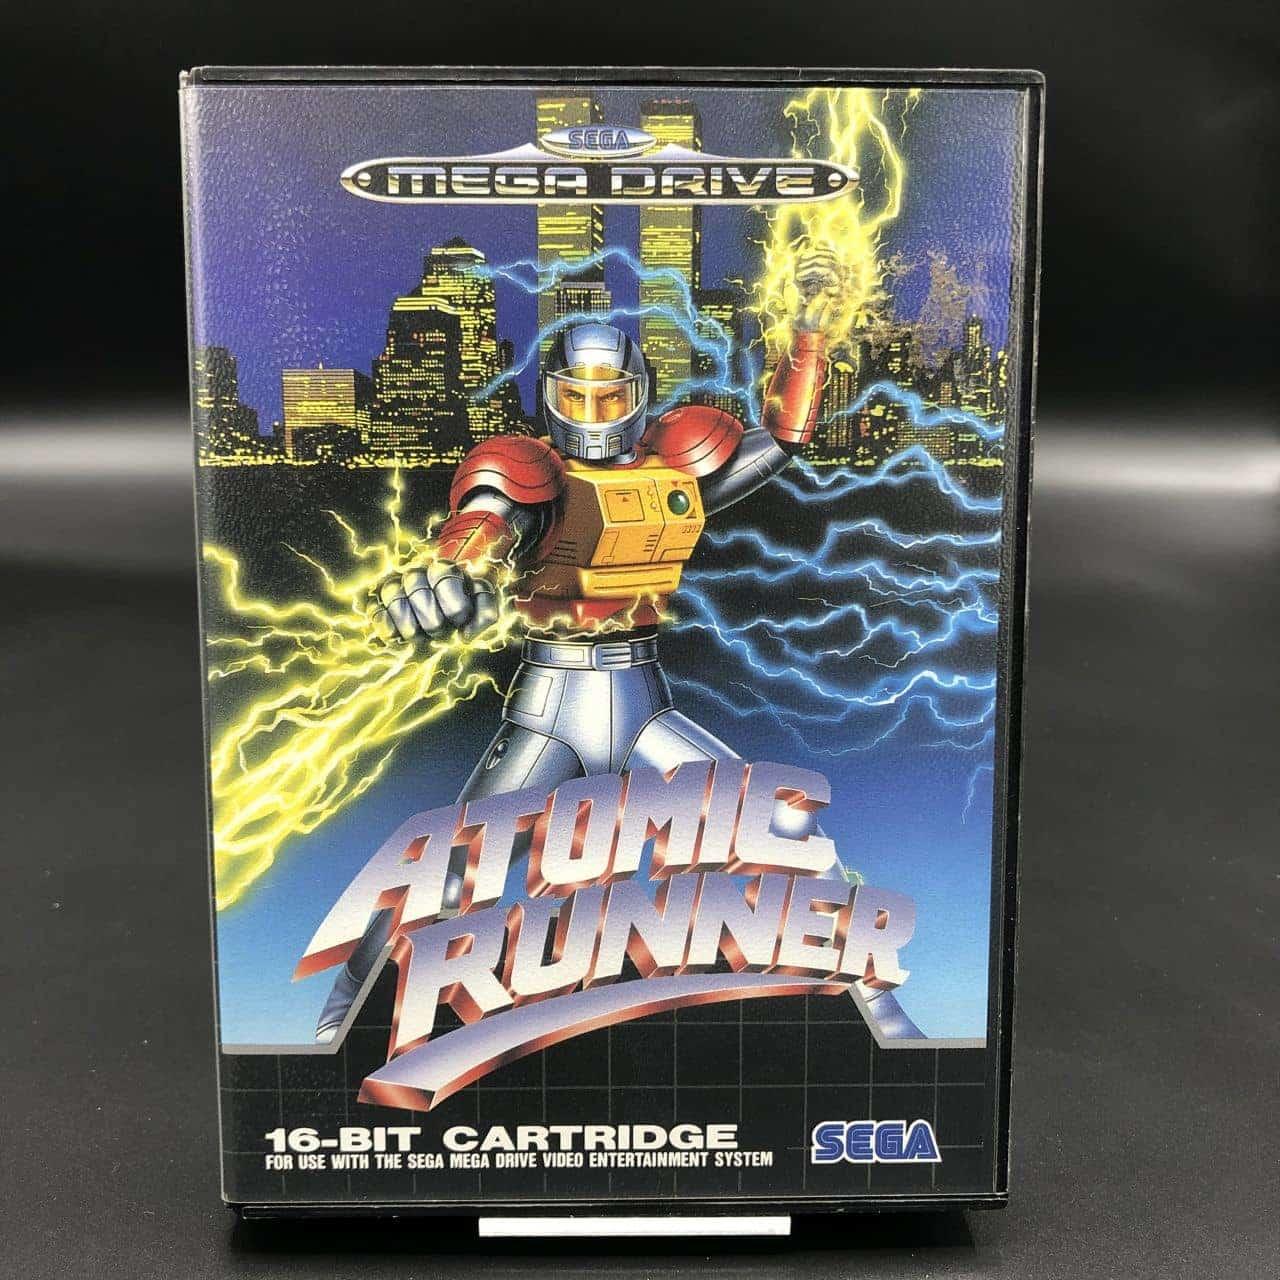 Atomic Runner (Komplett) (Sehr gut) Sega Mega Drive